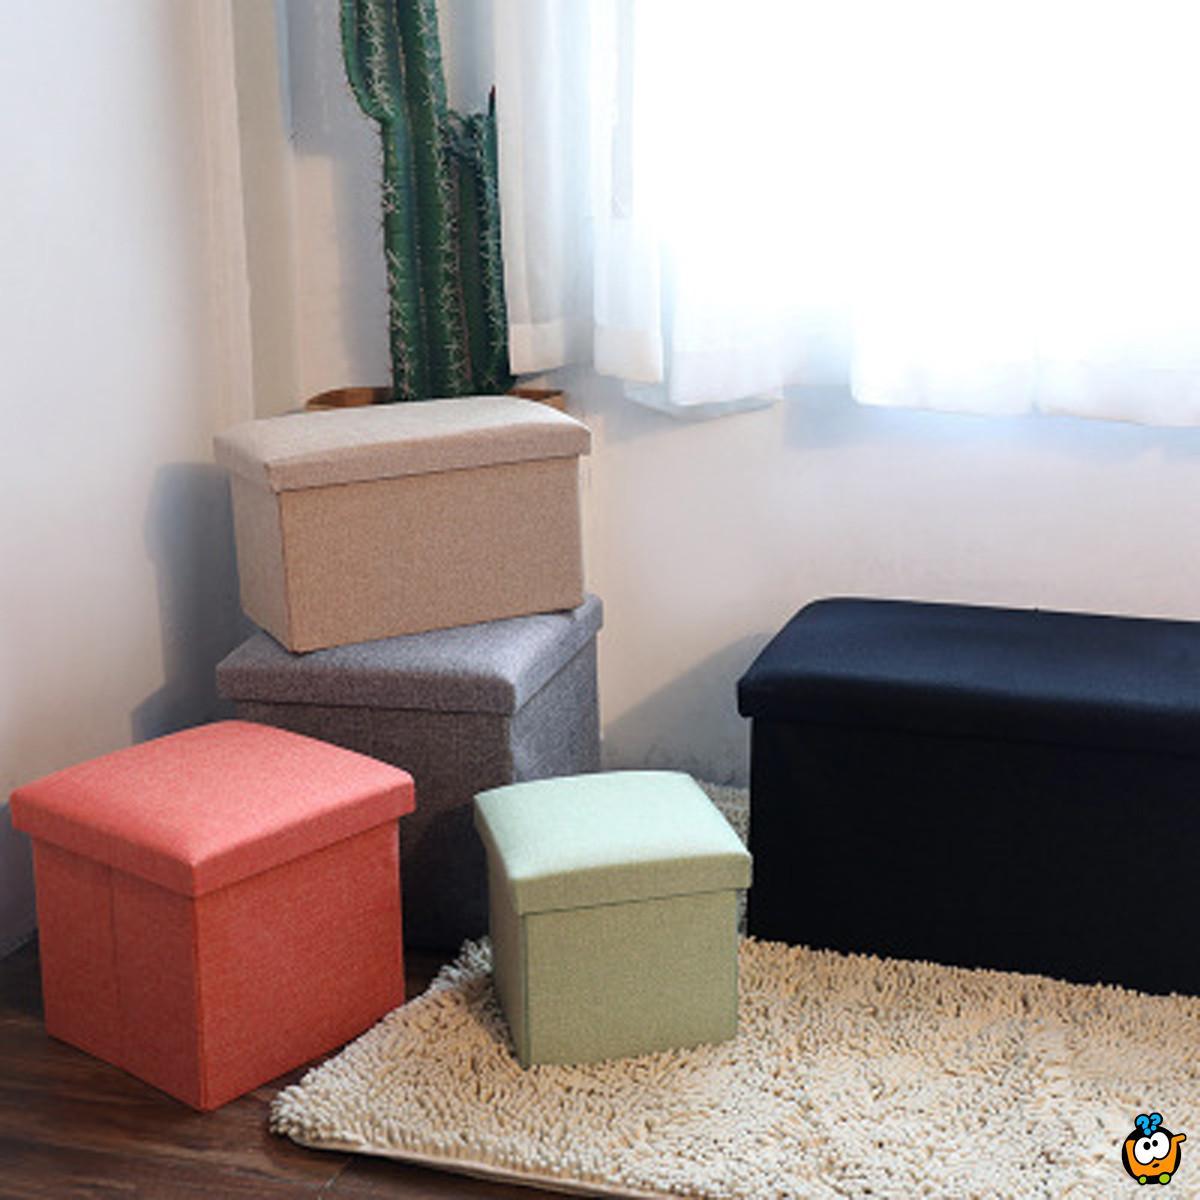 Višenamenski tabure sa prostorom za odlaganje u sivoj boji